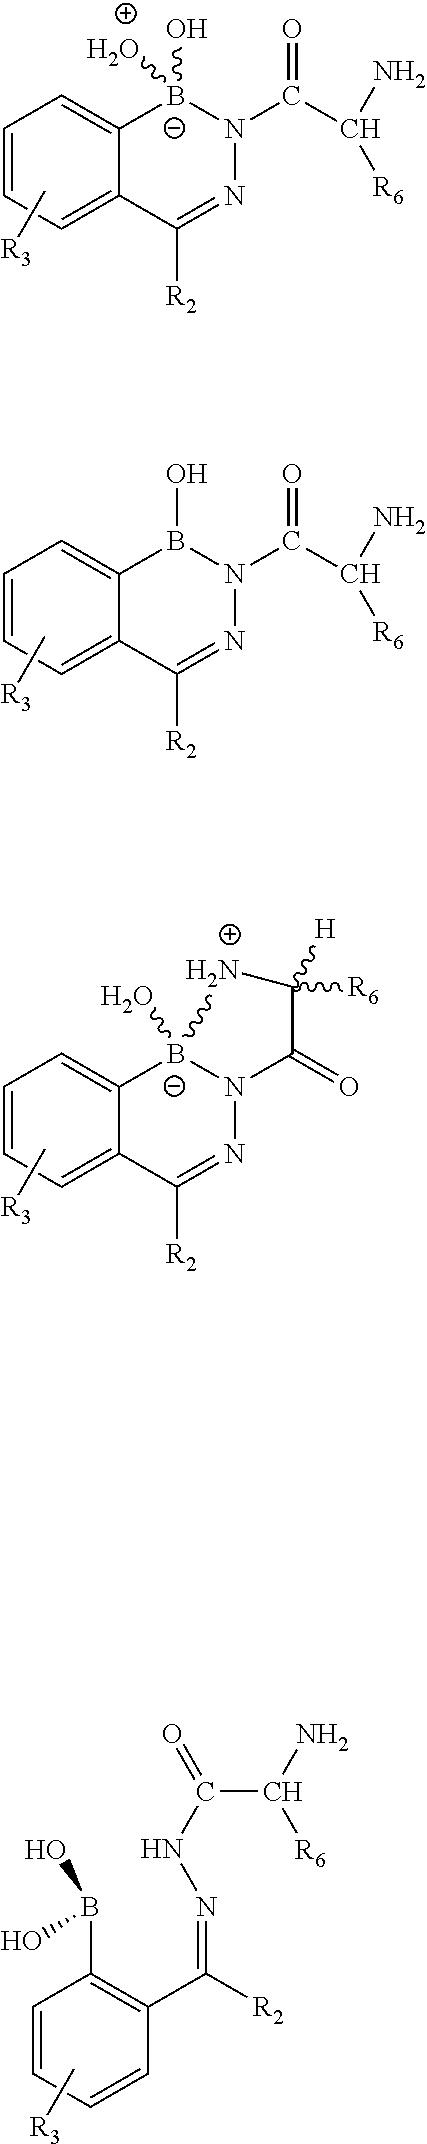 Figure US09758533-20170912-C00005